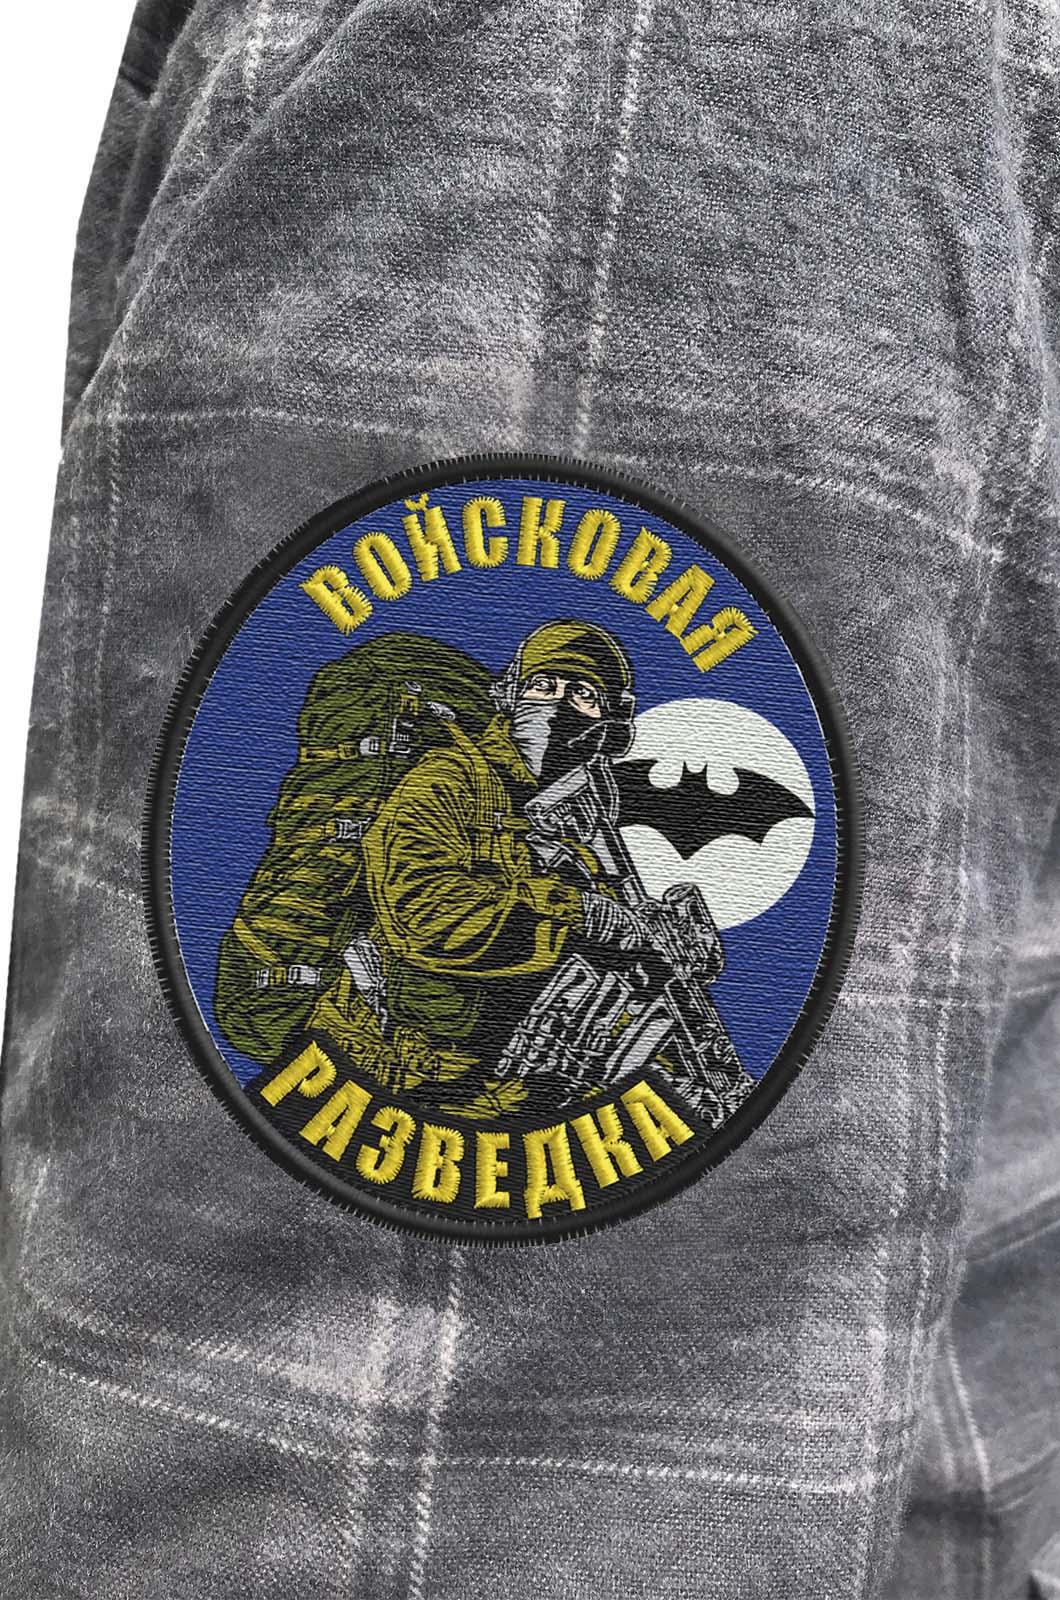 Клетчатая рубашка с шевроном Войсковой разведки купить в подарок